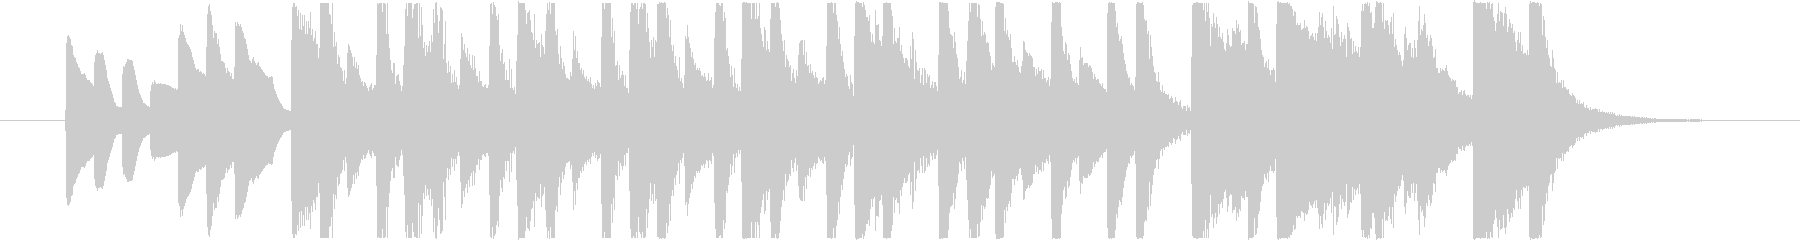 コミカルで可愛いBGMの未再生の波形